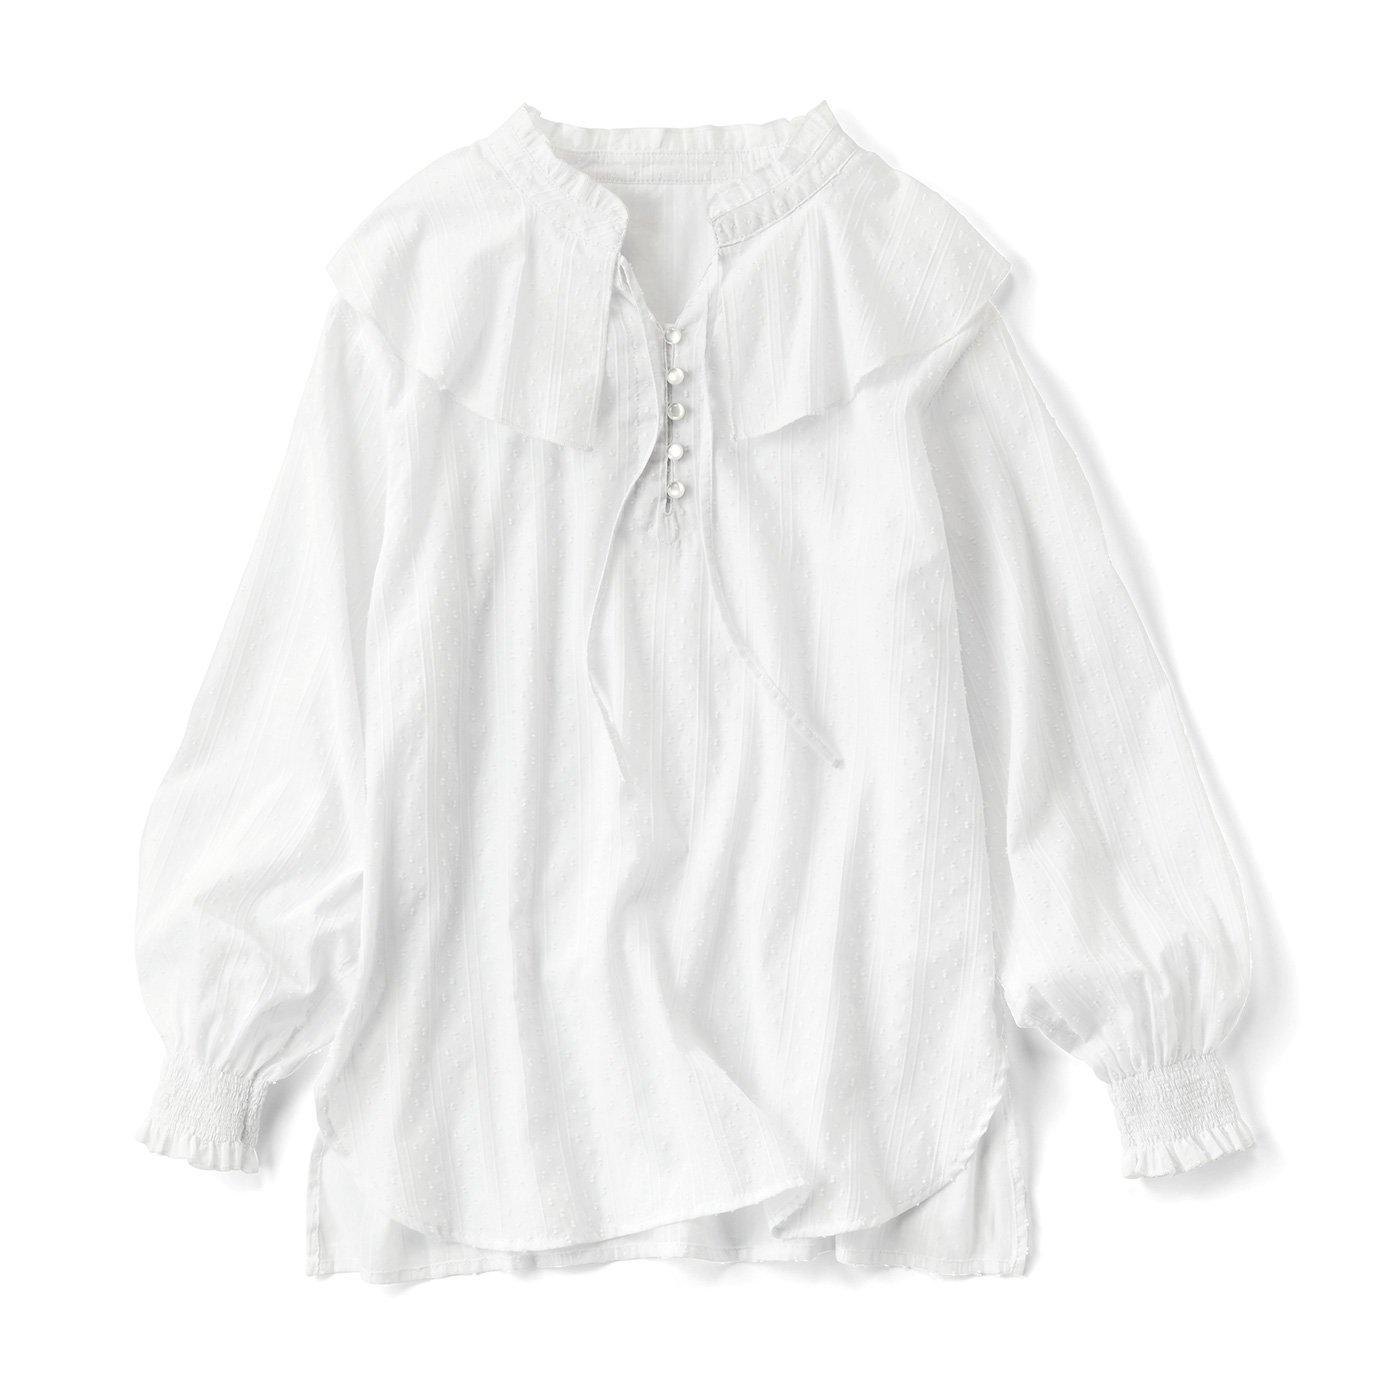 リブ イン コンフォート はまじとコラボ 大人が素敵に着られる衿付きブラウス〈ホワイト〉